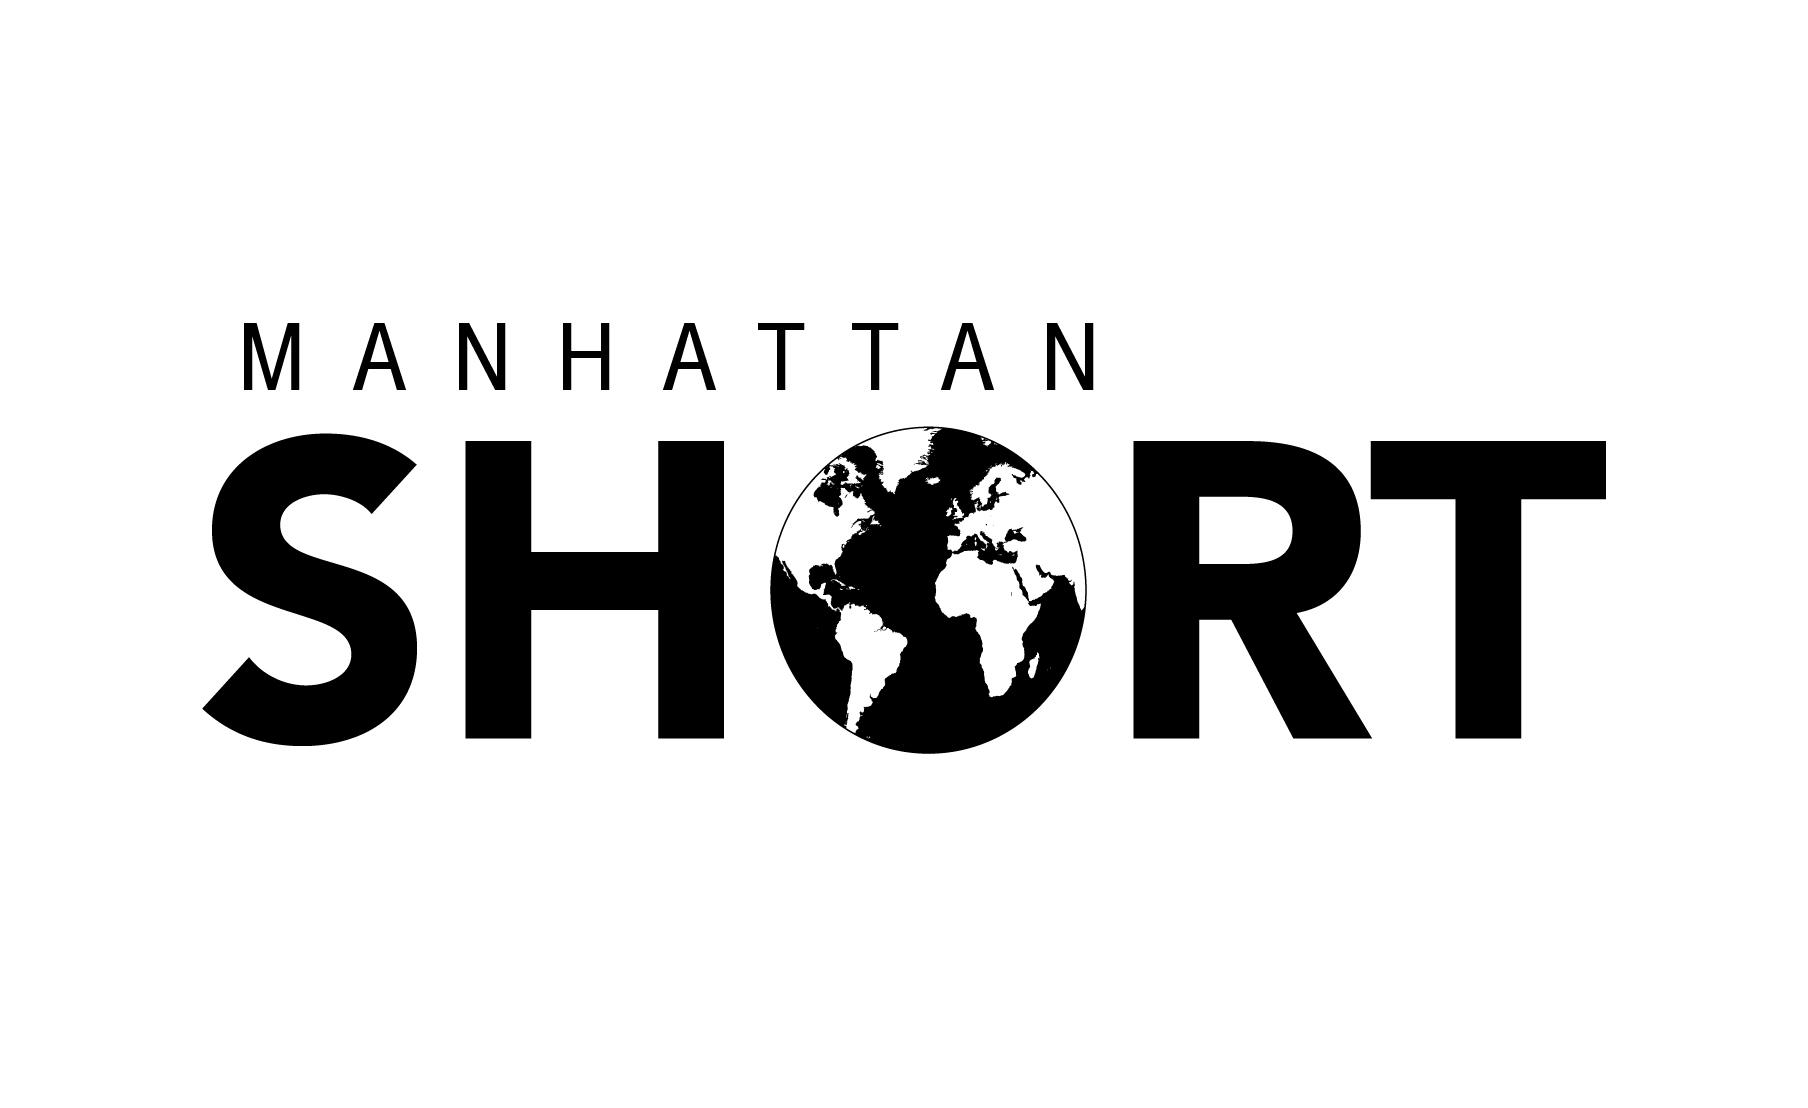 Манхэттенский фестиваль короткометражных фильмов 2014